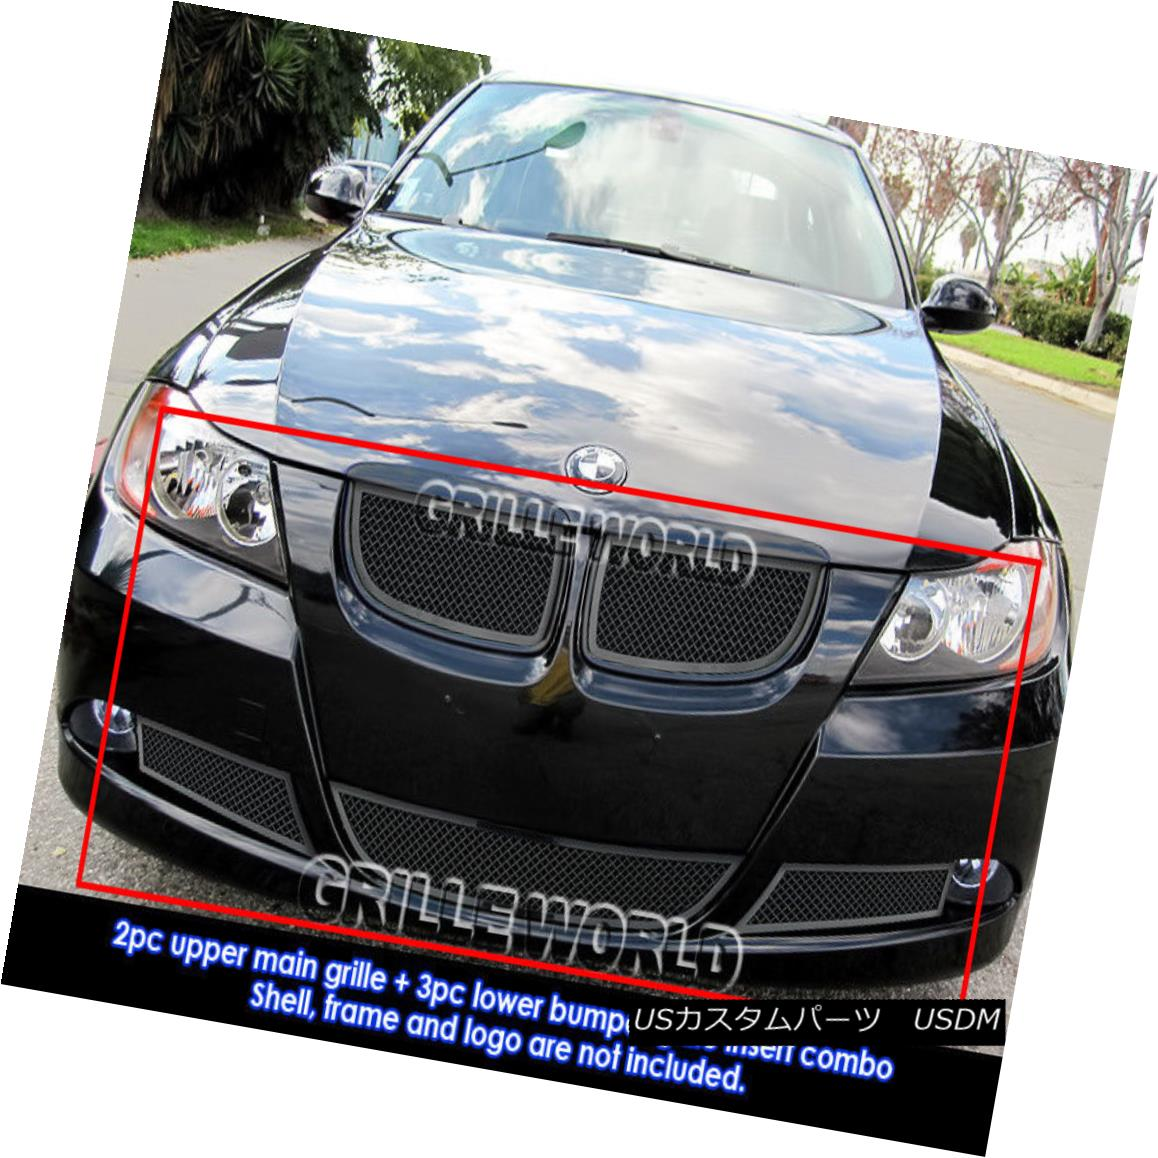 グリル Fits 06-07 BMW 325I /2006-2007 BMW 330I Black Stainless Steel Mesh Grille Combo フィット06-07 BMW 325I / 2006-2007 BMW 330Iブラックステンレススチールメッシュグリルコンボ